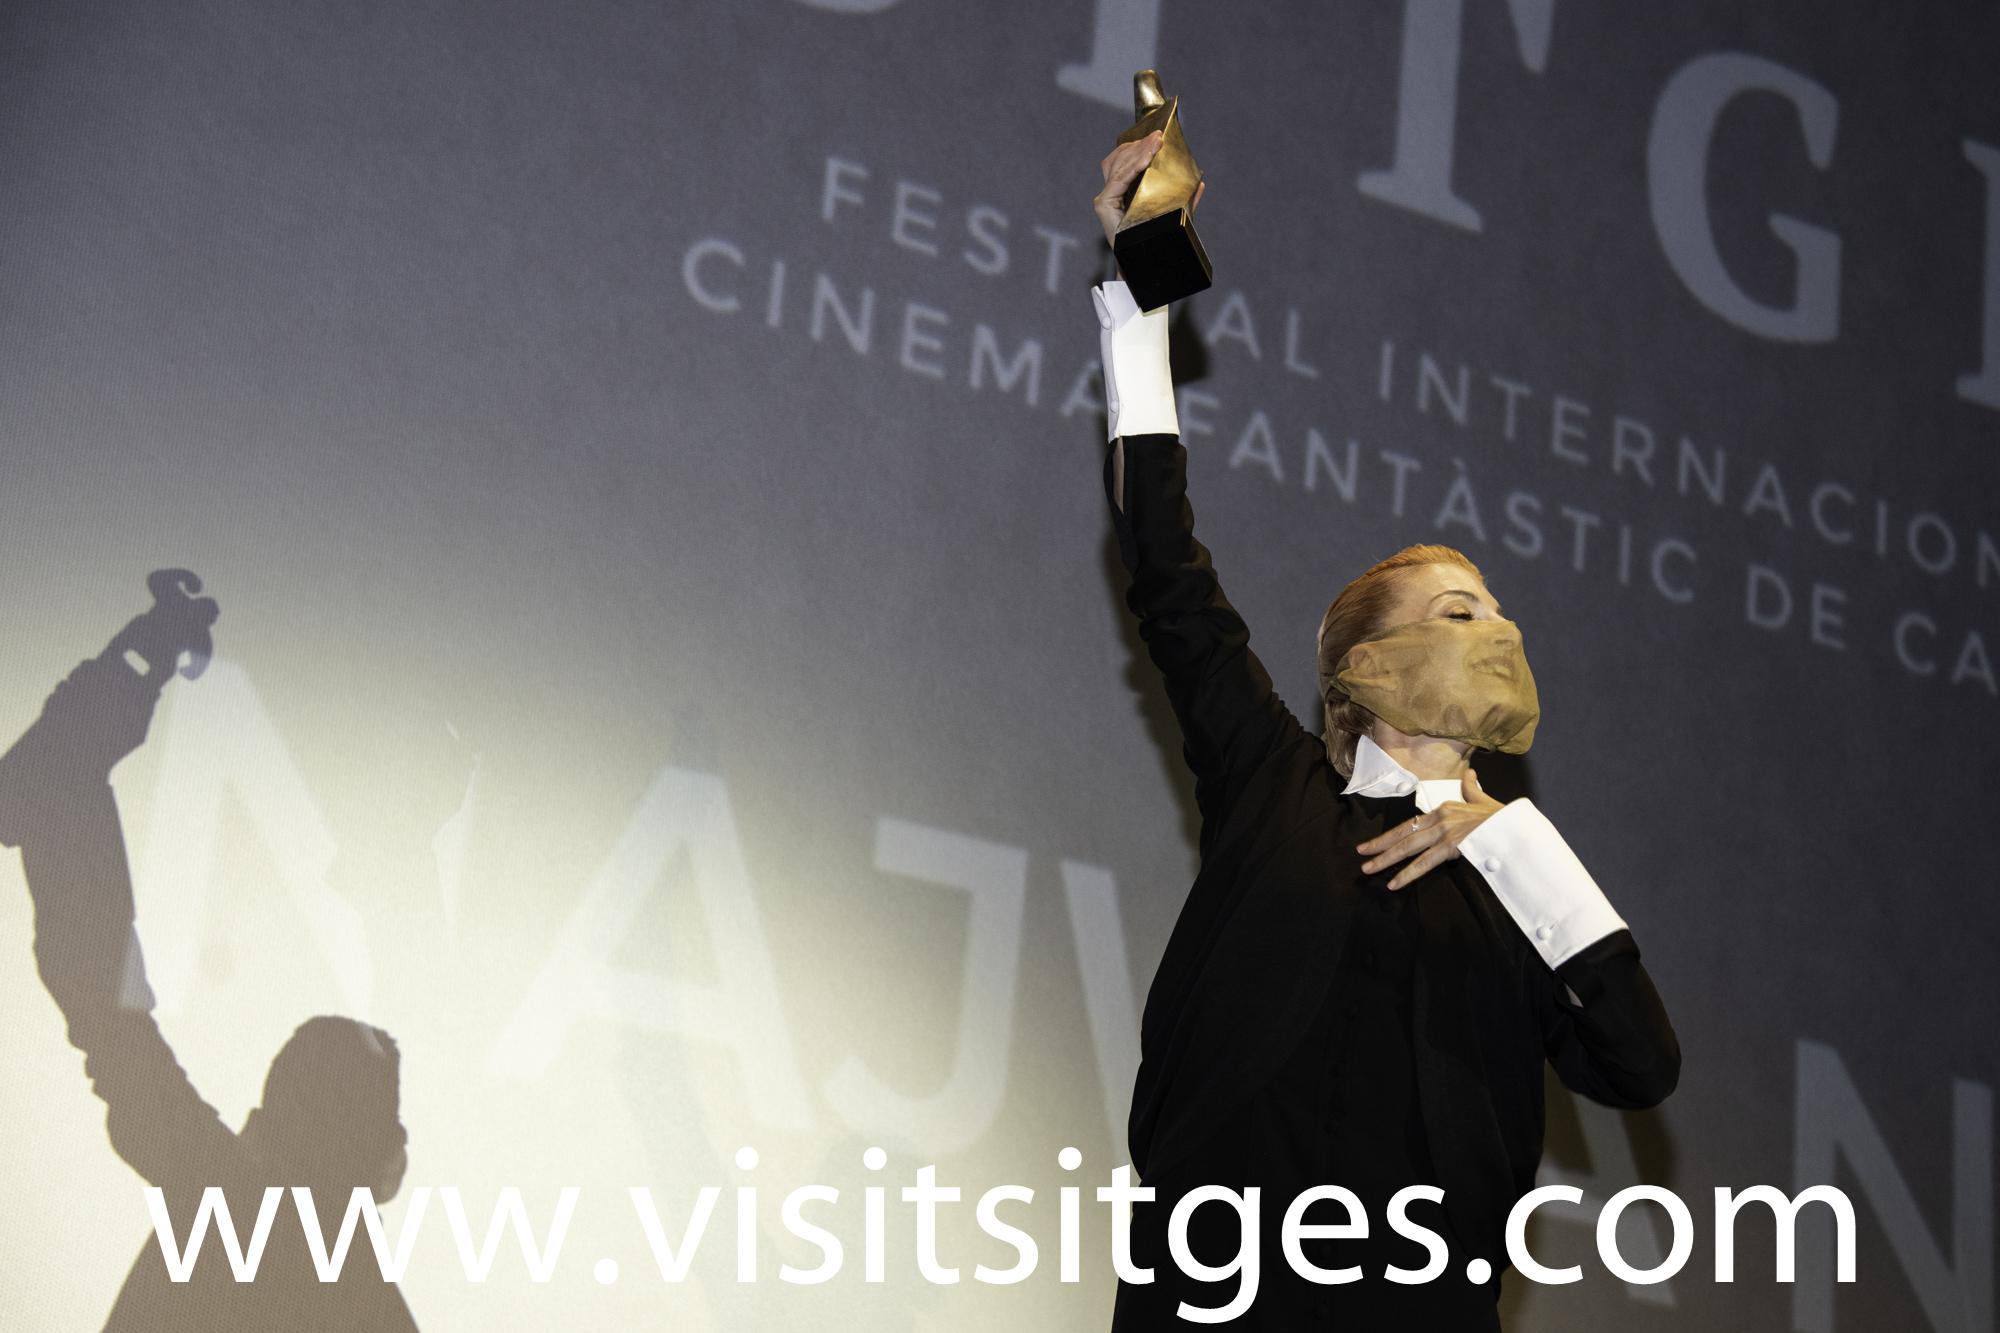 NAJWA NIMRI RECIBE EL GRAN PREMIO HONORÍFICO DEL SITGES FILM FESTIVAL 2020